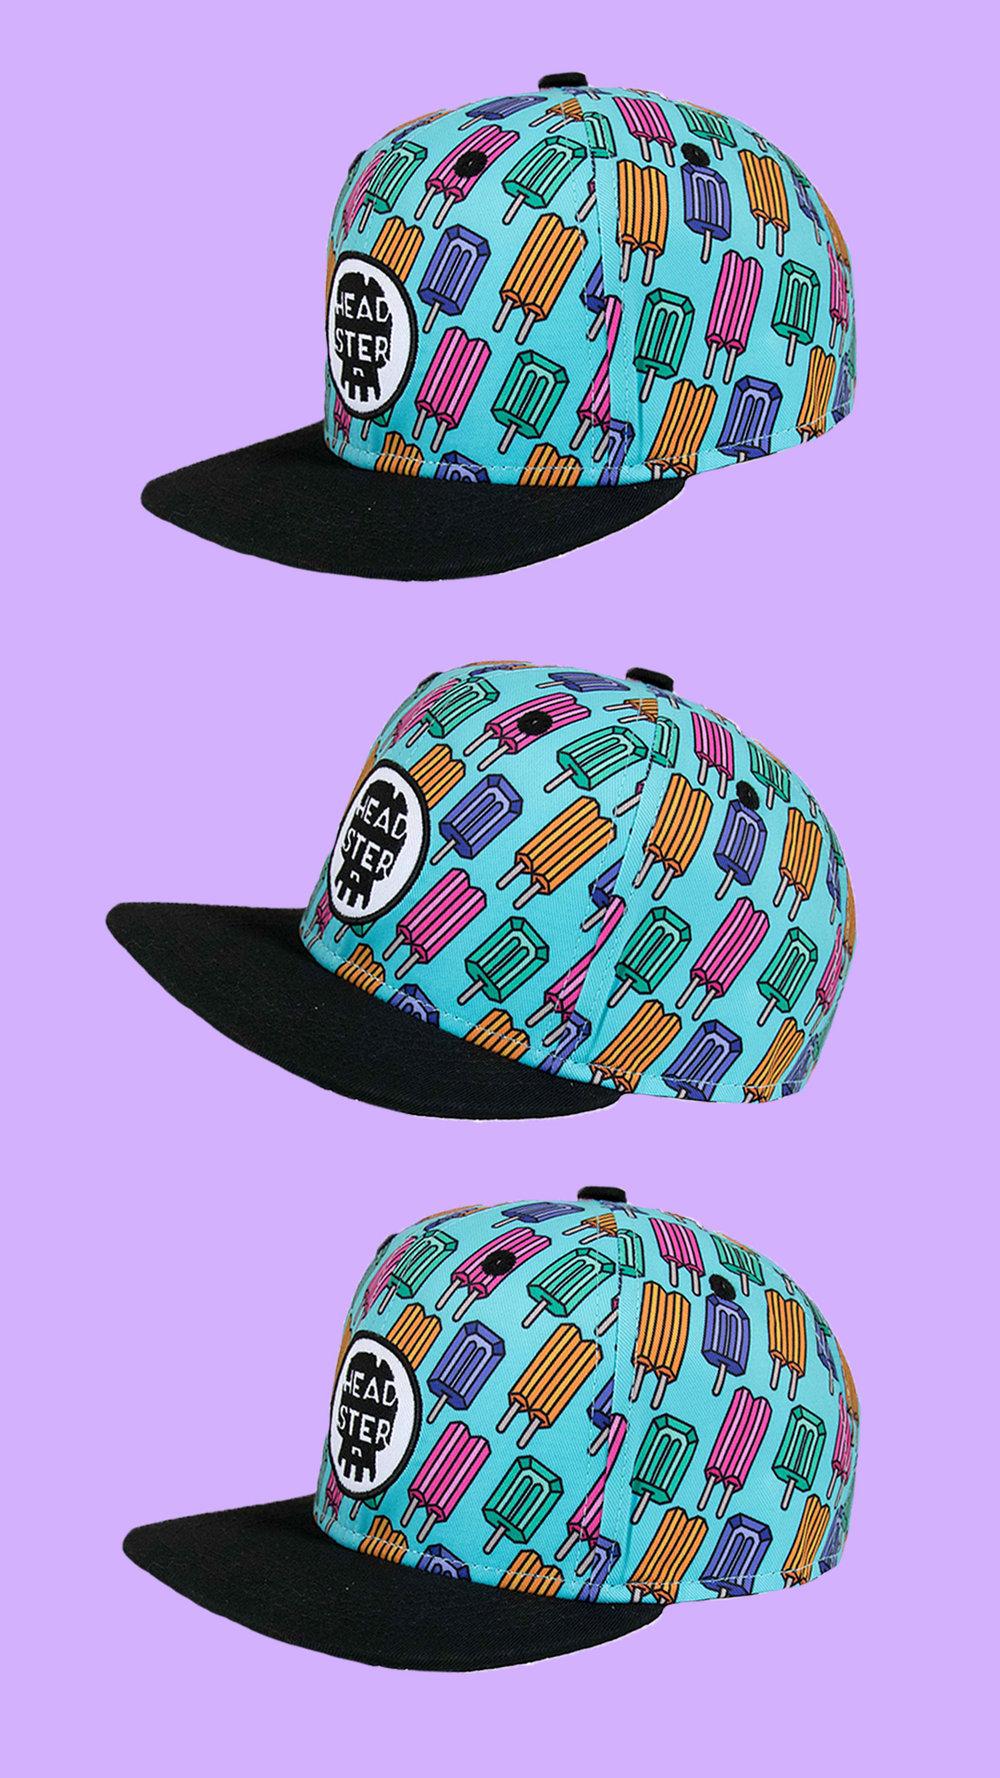 HeadsterKids Pop Neon